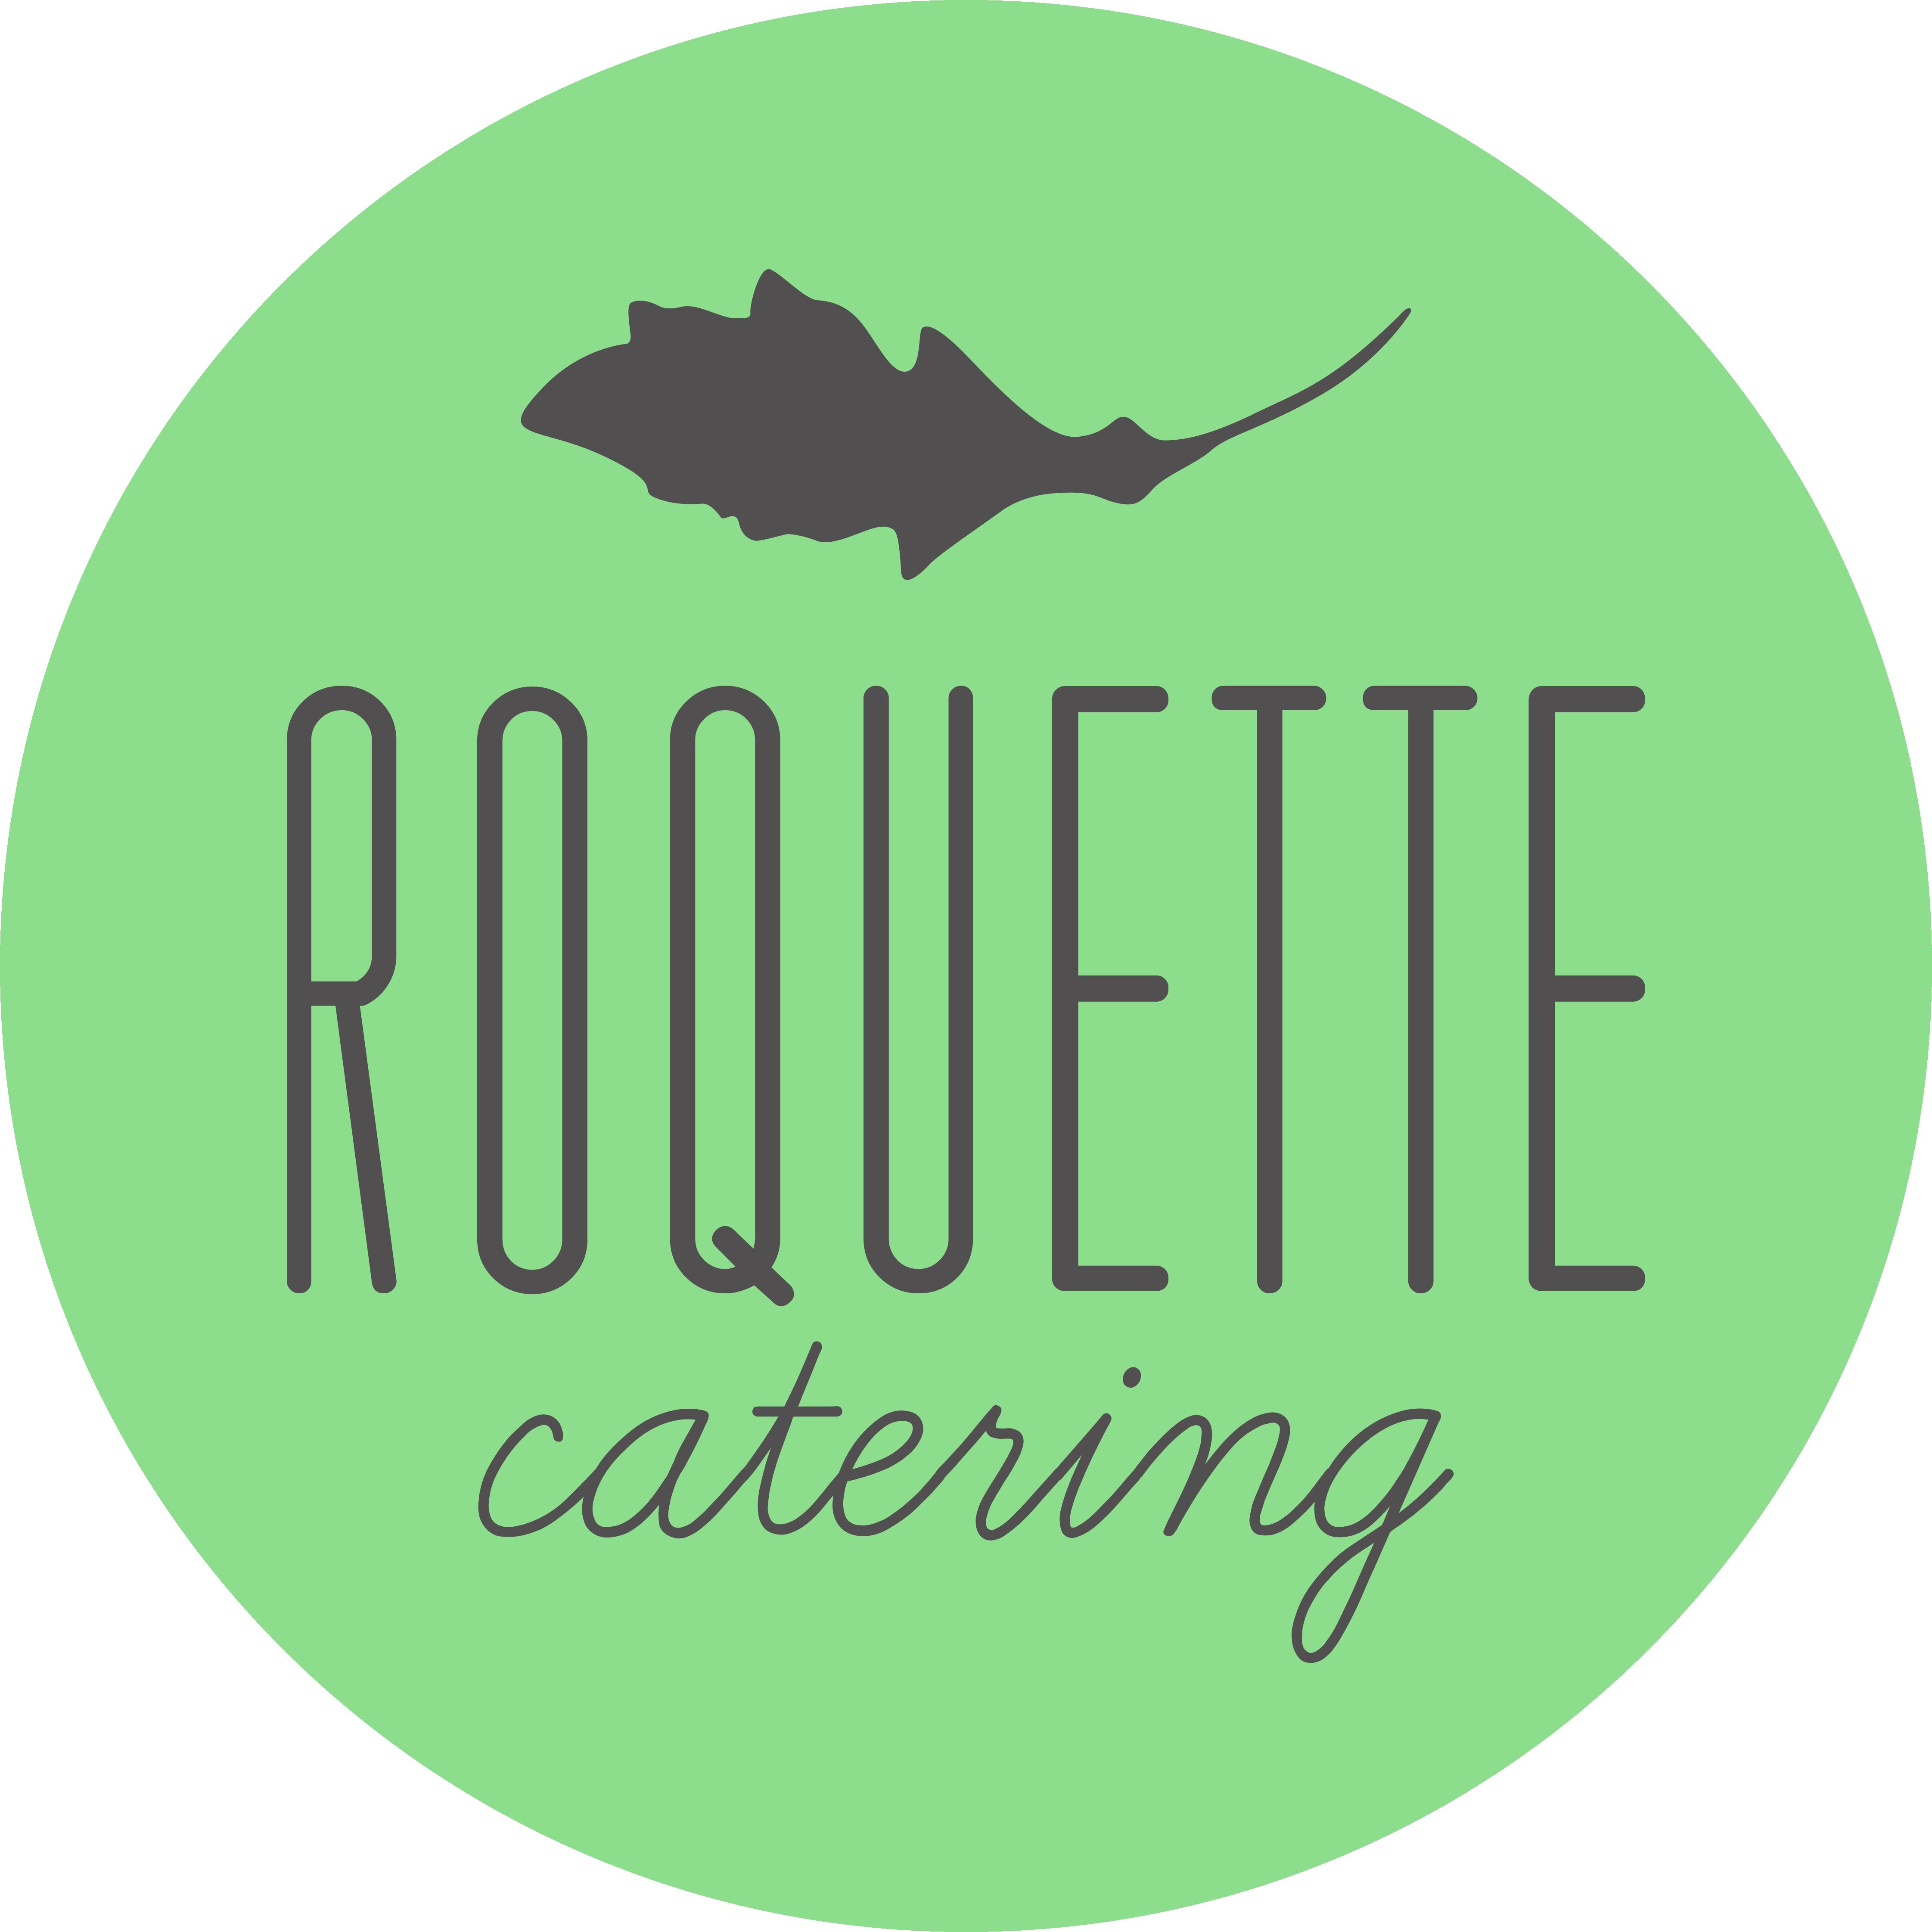 Roquette Catering